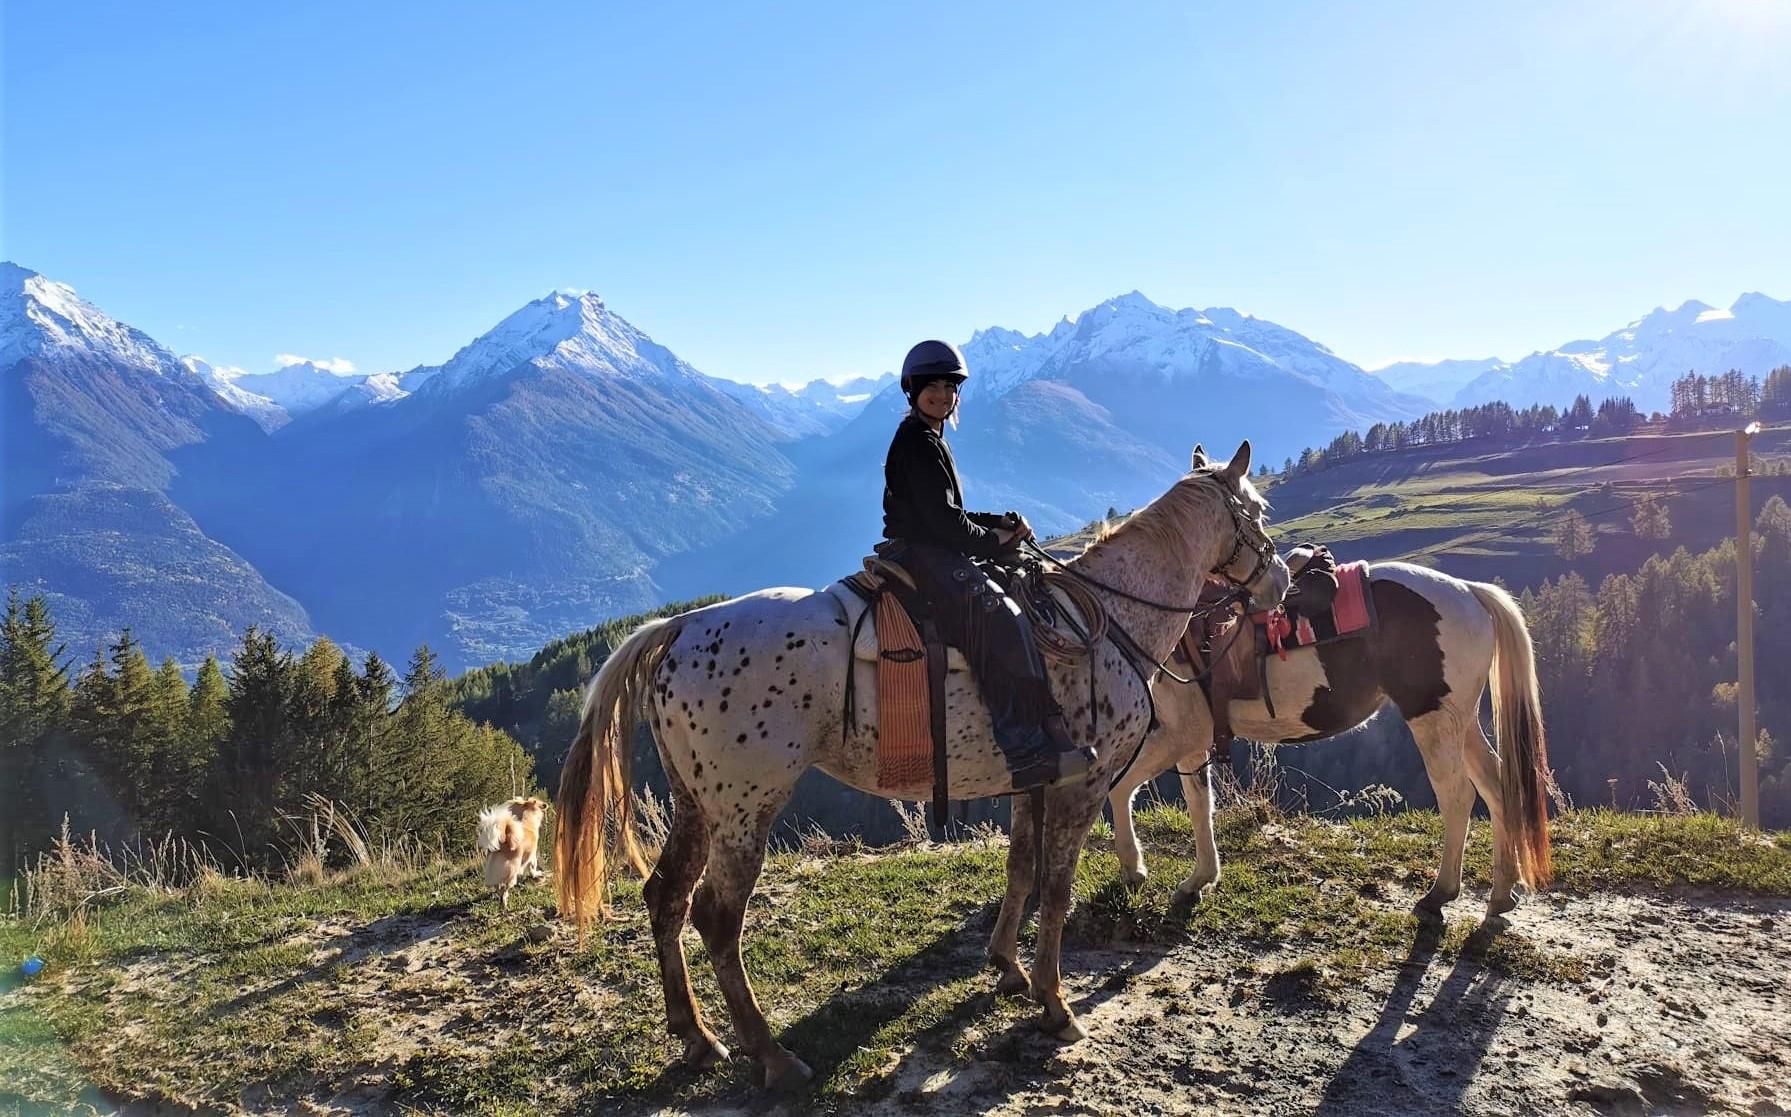 Escursione a cavallo al vallone di Vertosan in Valle d'Aosta